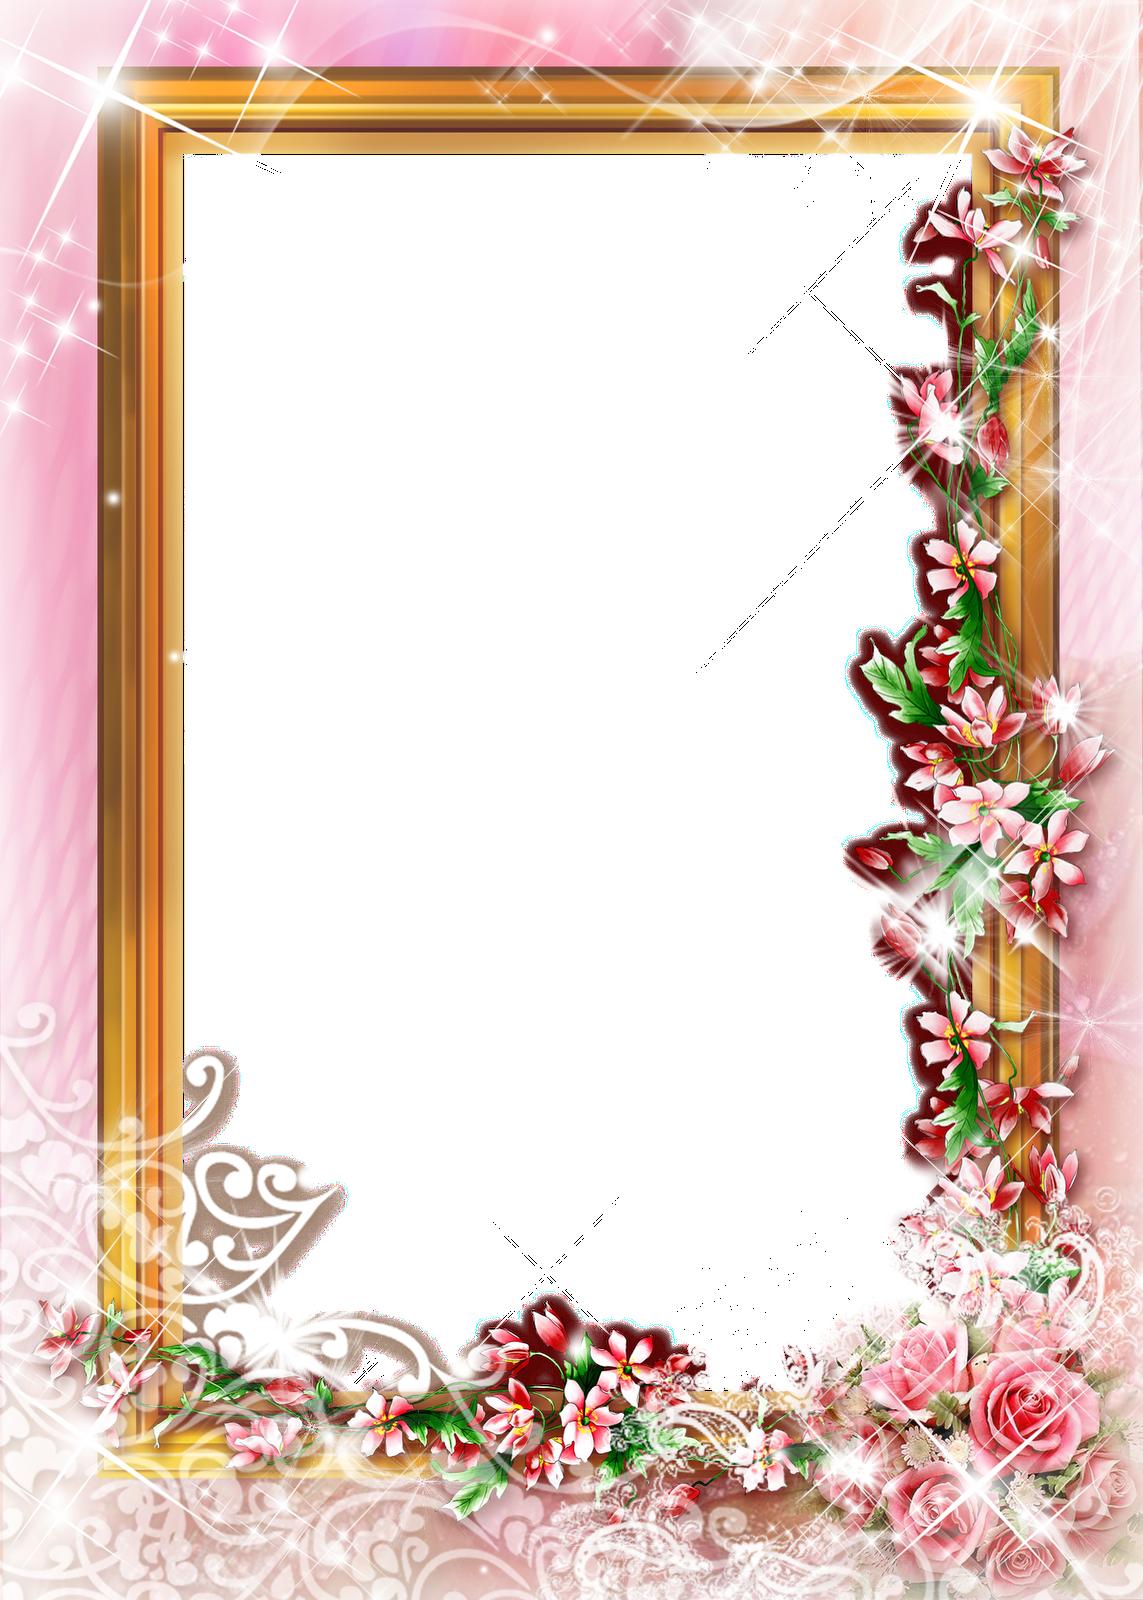 Marcos para photoshop marcos florales - Marcos rusticos para fotos ...